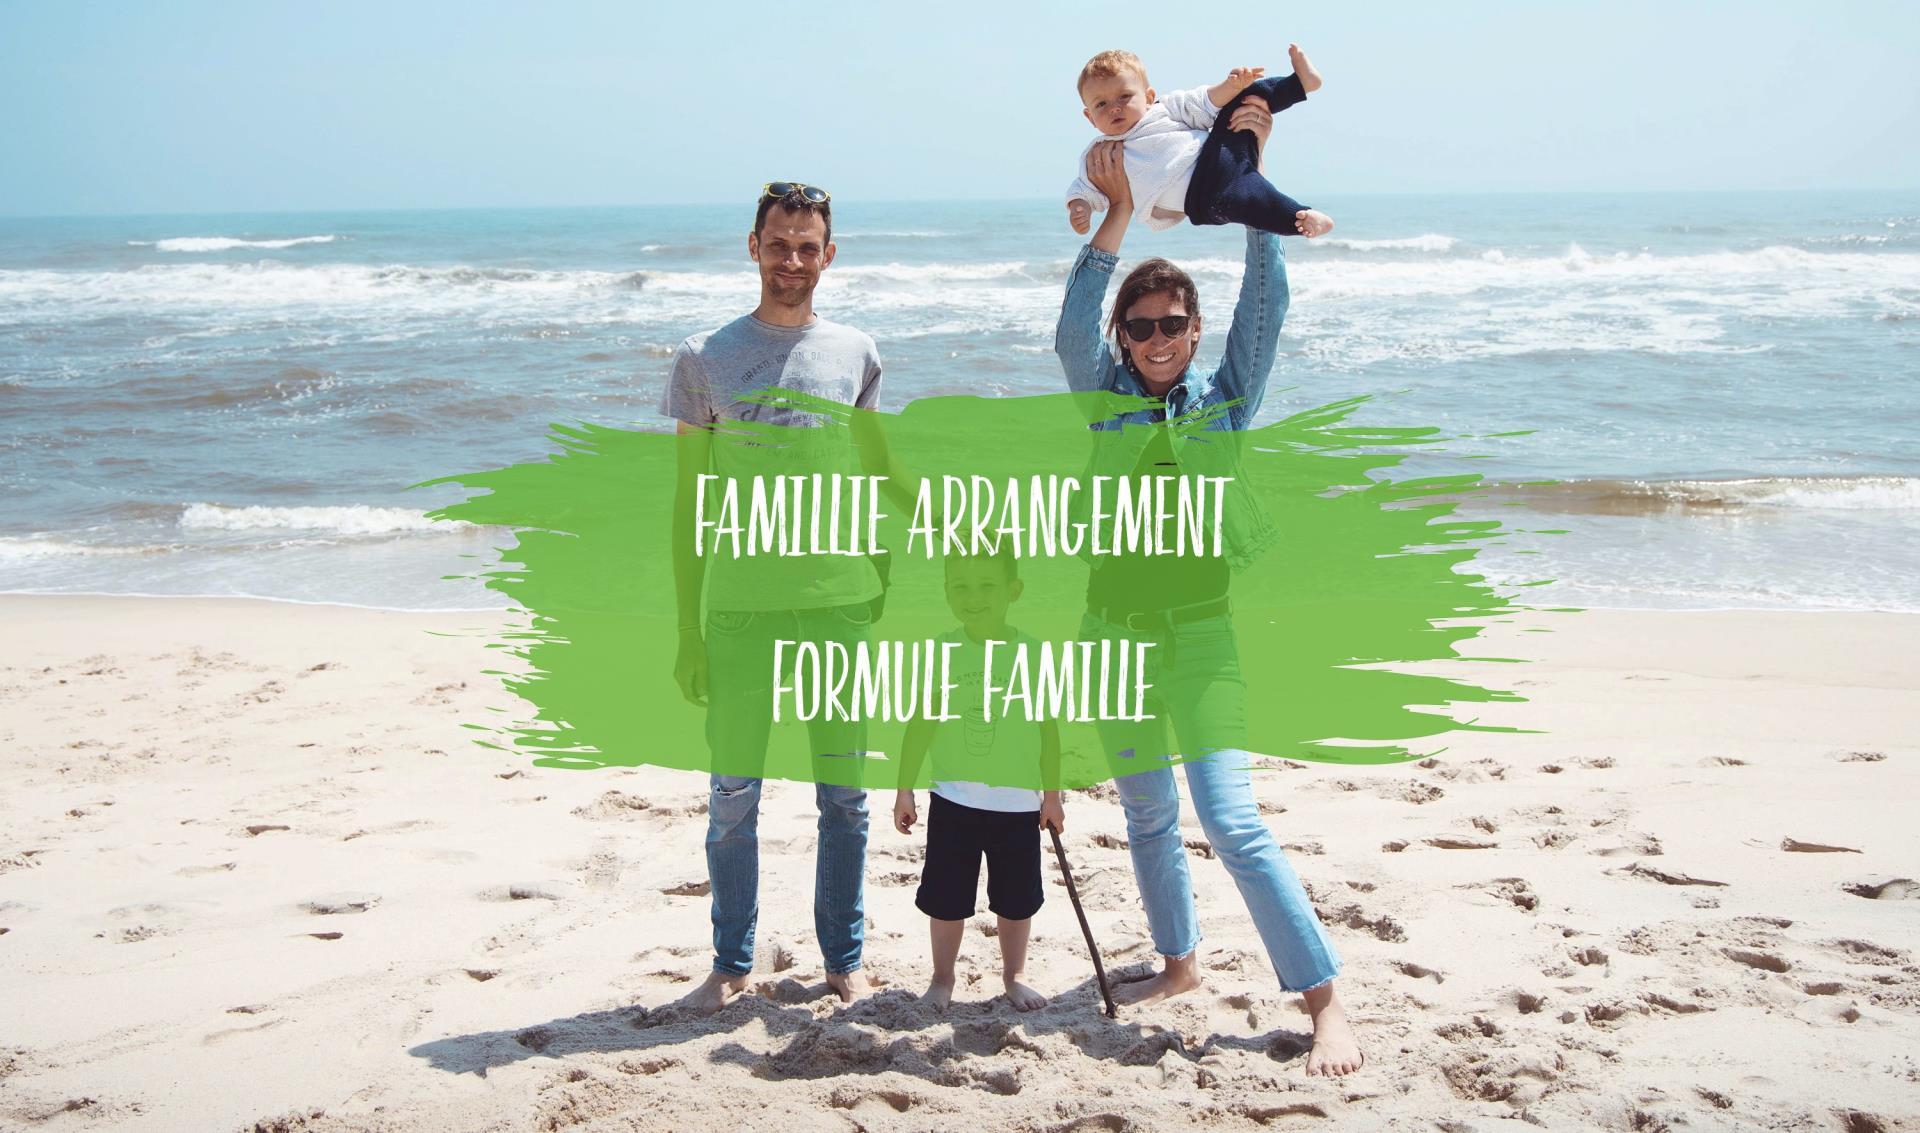 Familie arrangement